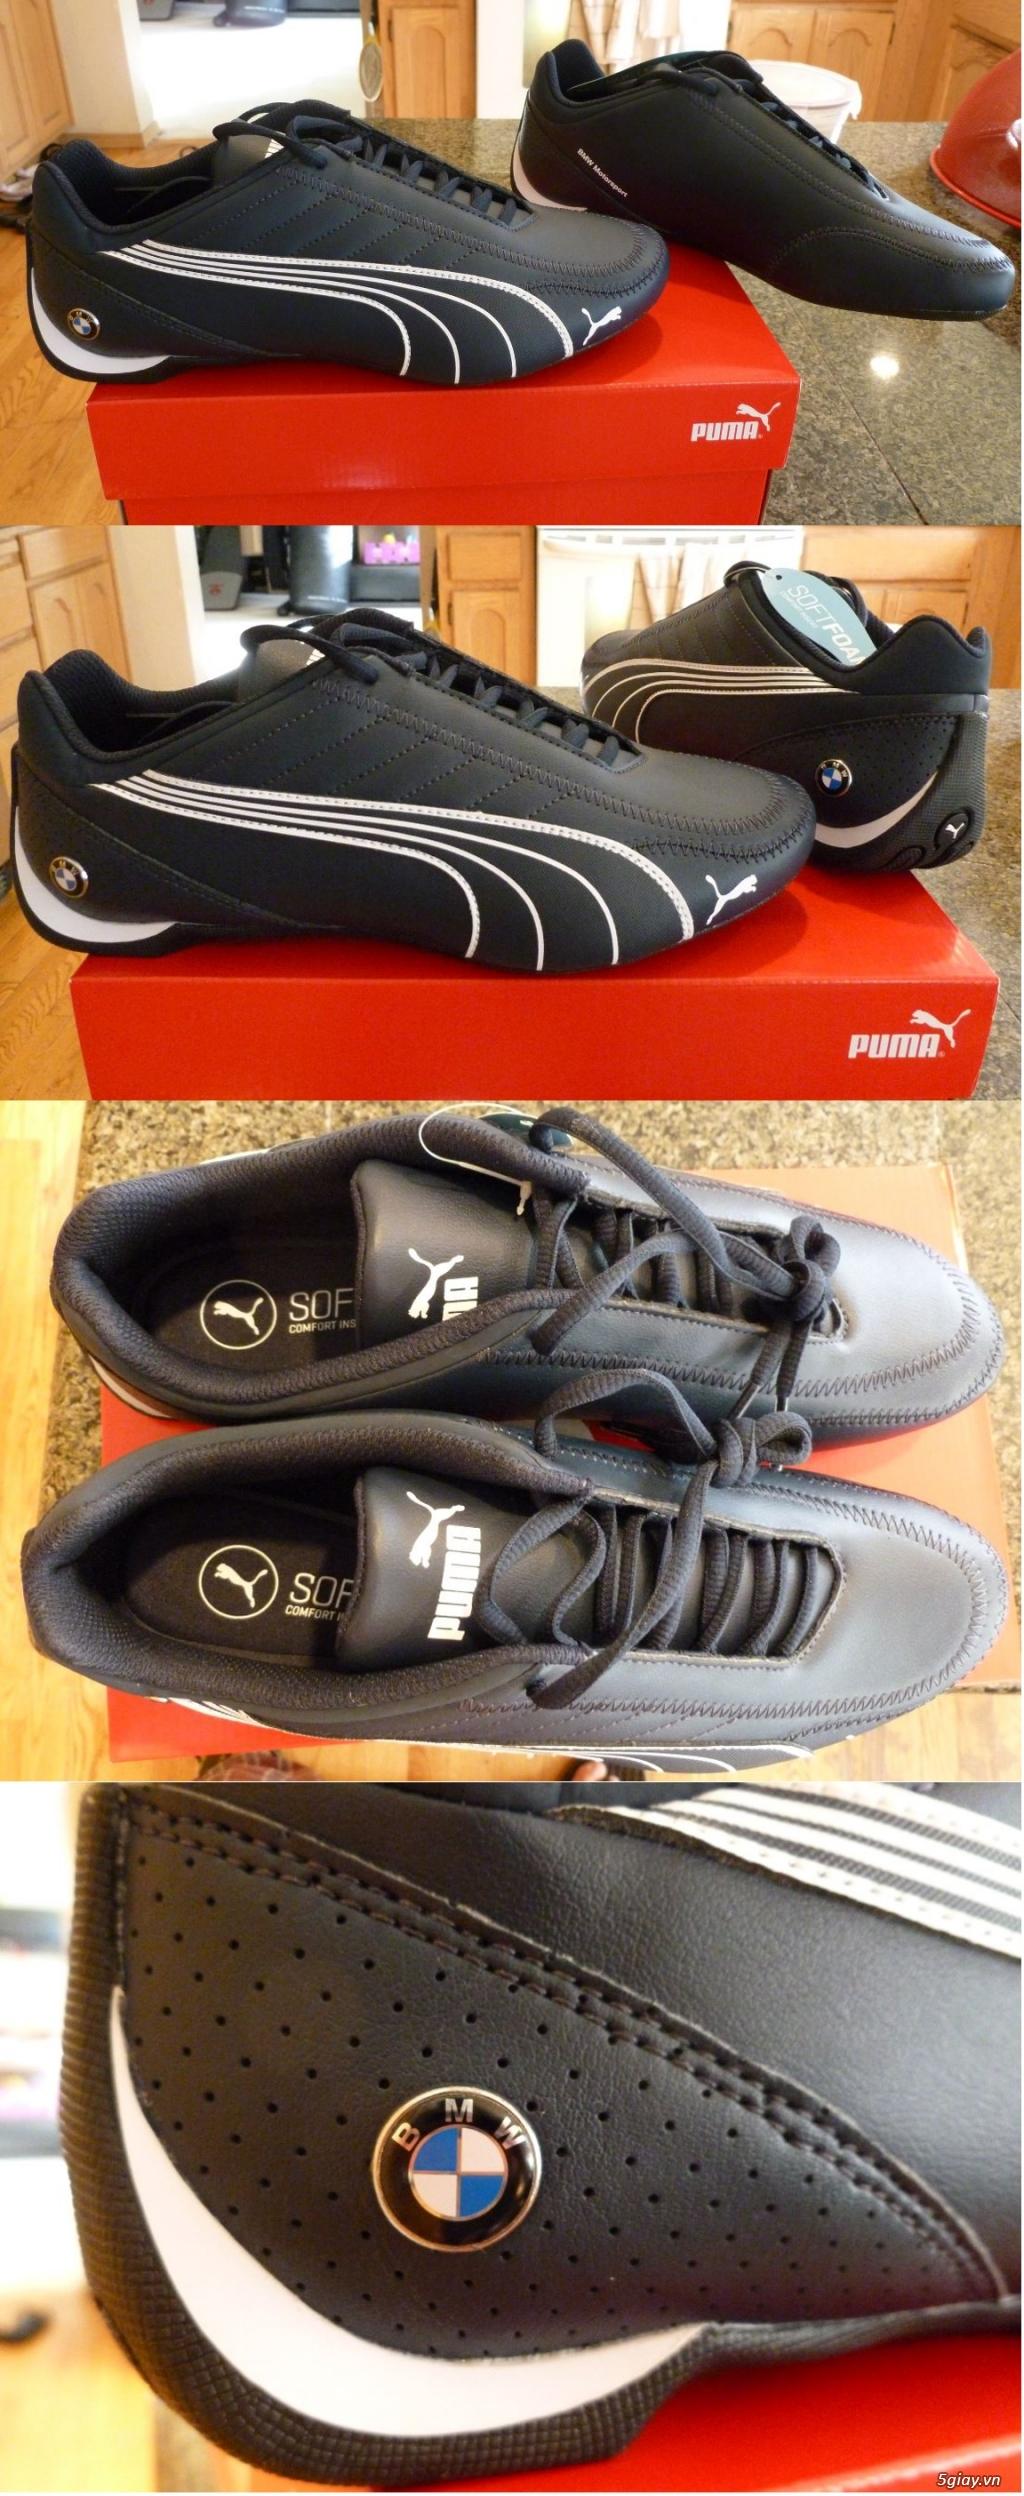 Mình xách/gửi giày Nike, Skechers, Reebok, Polo, Converse, v.v. từ Mỹ. - 29